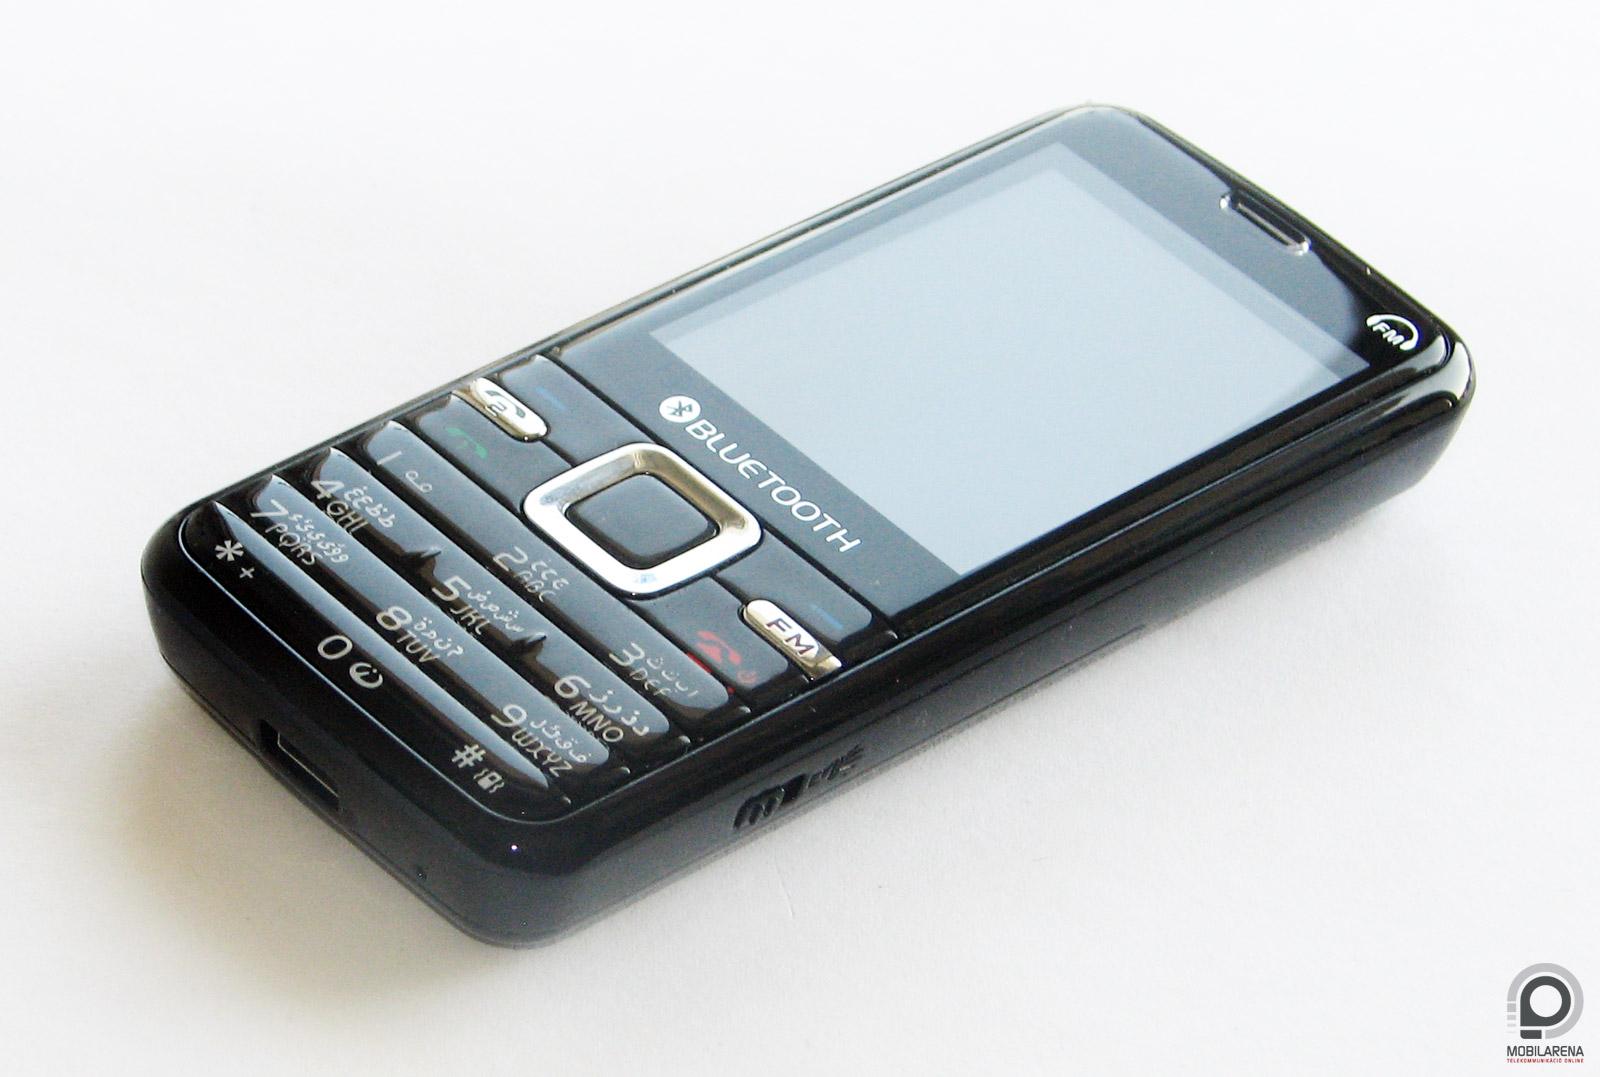 randevú nélkül mobiltelefon